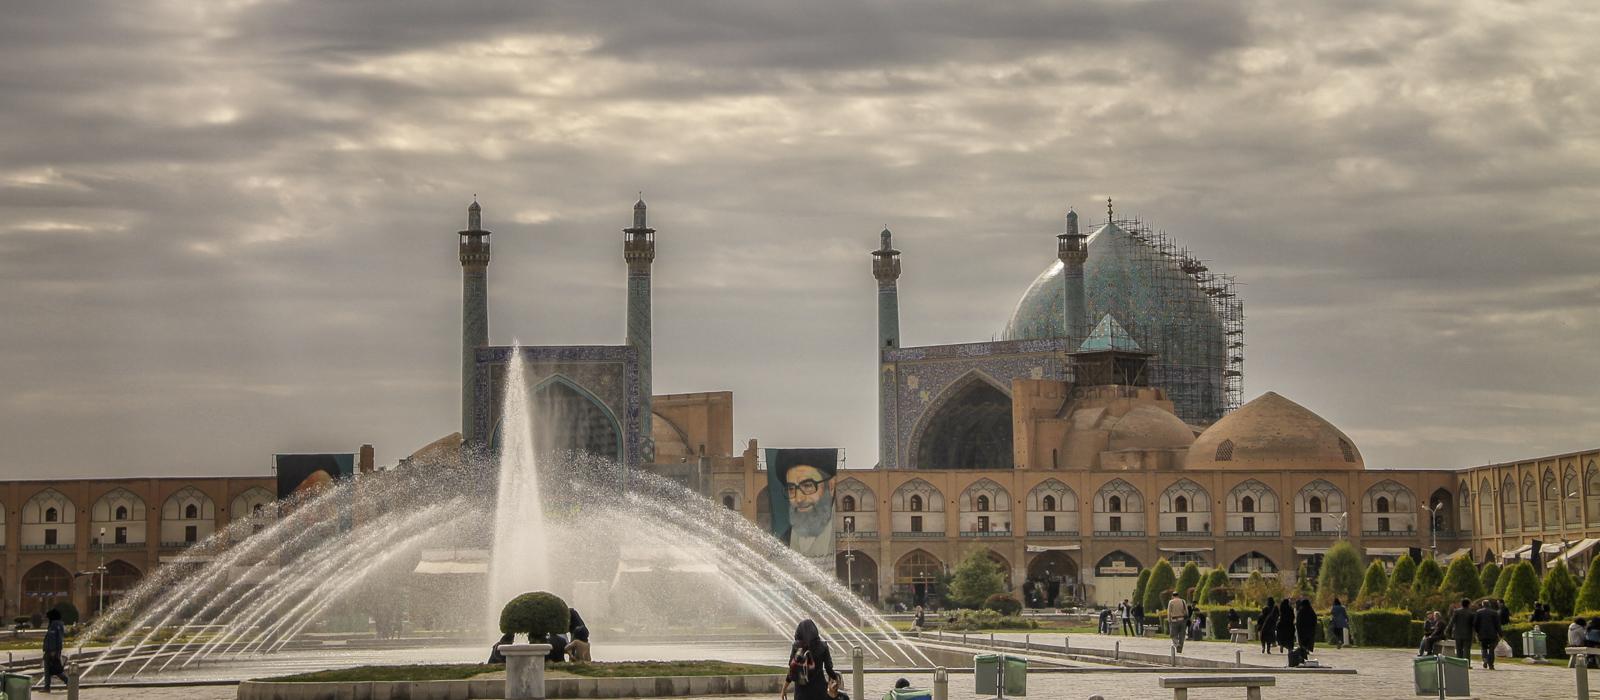 Voyage organisé en petit groupe - Azadi Square, ispahan - Iran - Agence de voyage Les Routes du Monde